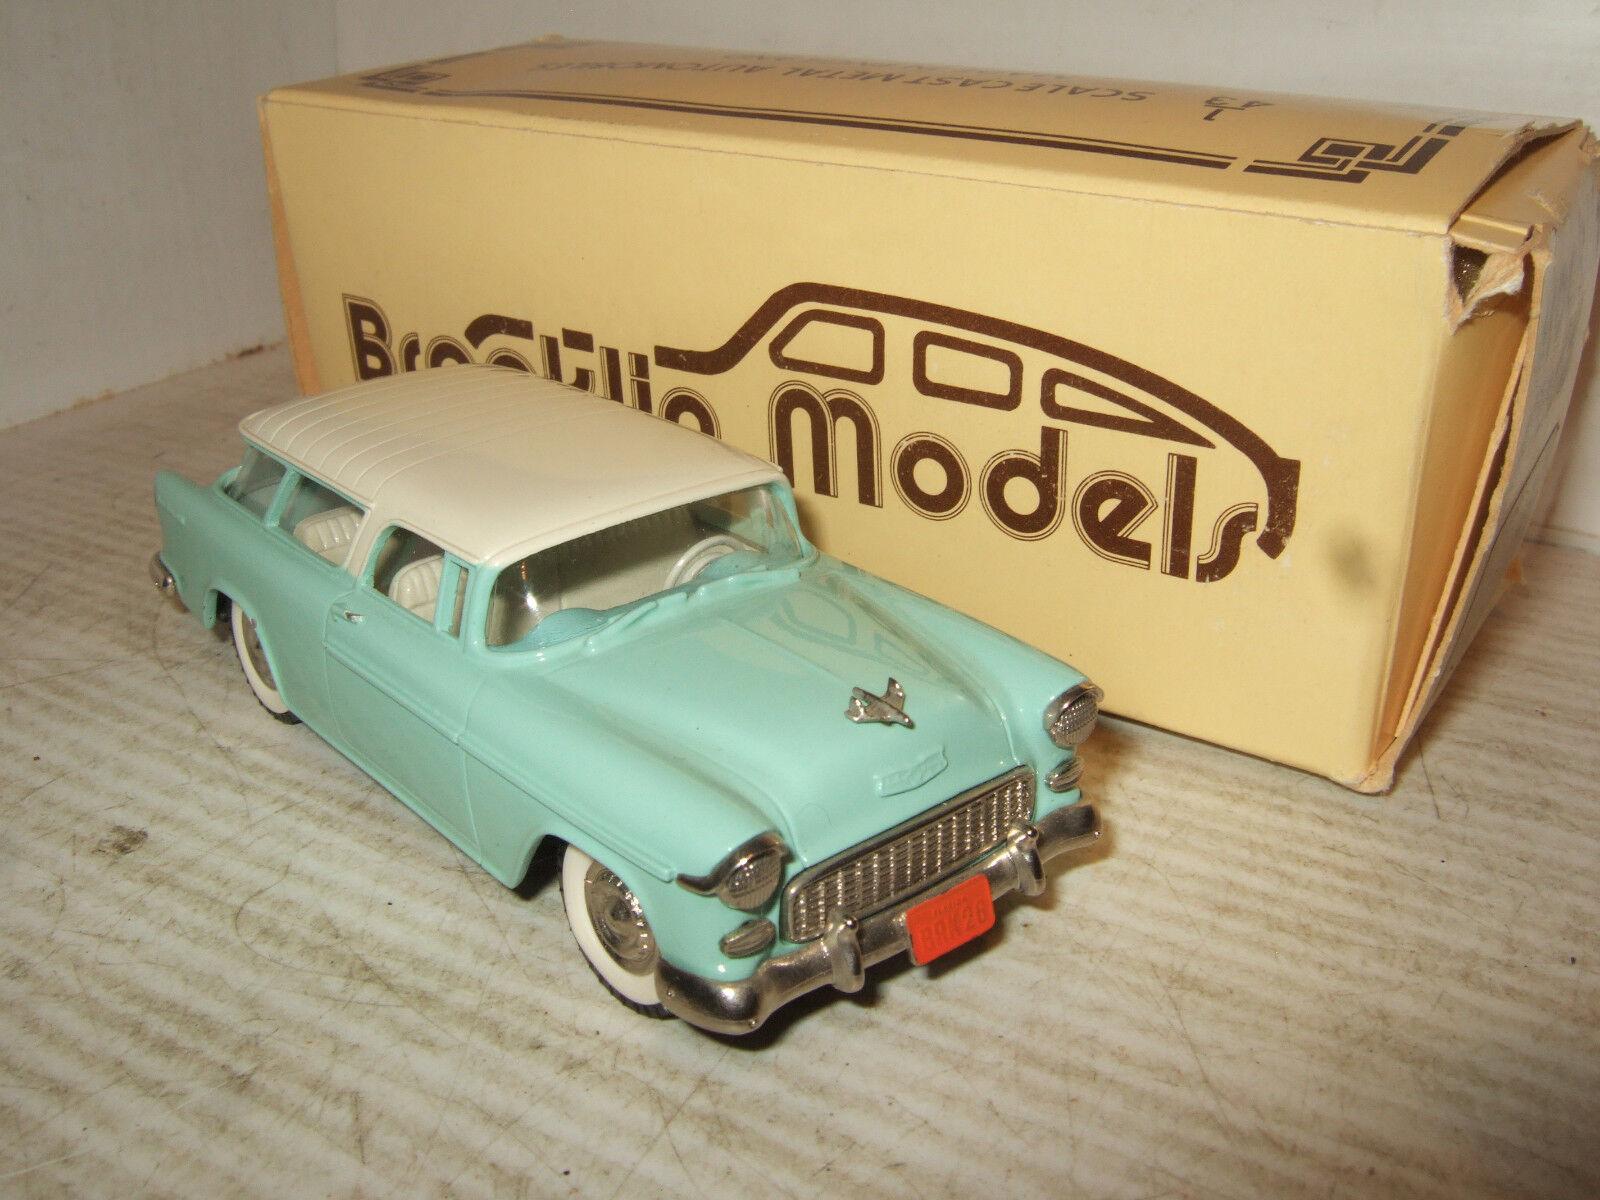 comprar mejor Metal blancoo blancoo blancoo Brooklin modelos, BRK 26 1955 Chevrolet Nomad en escala 1 43.  80% de descuento